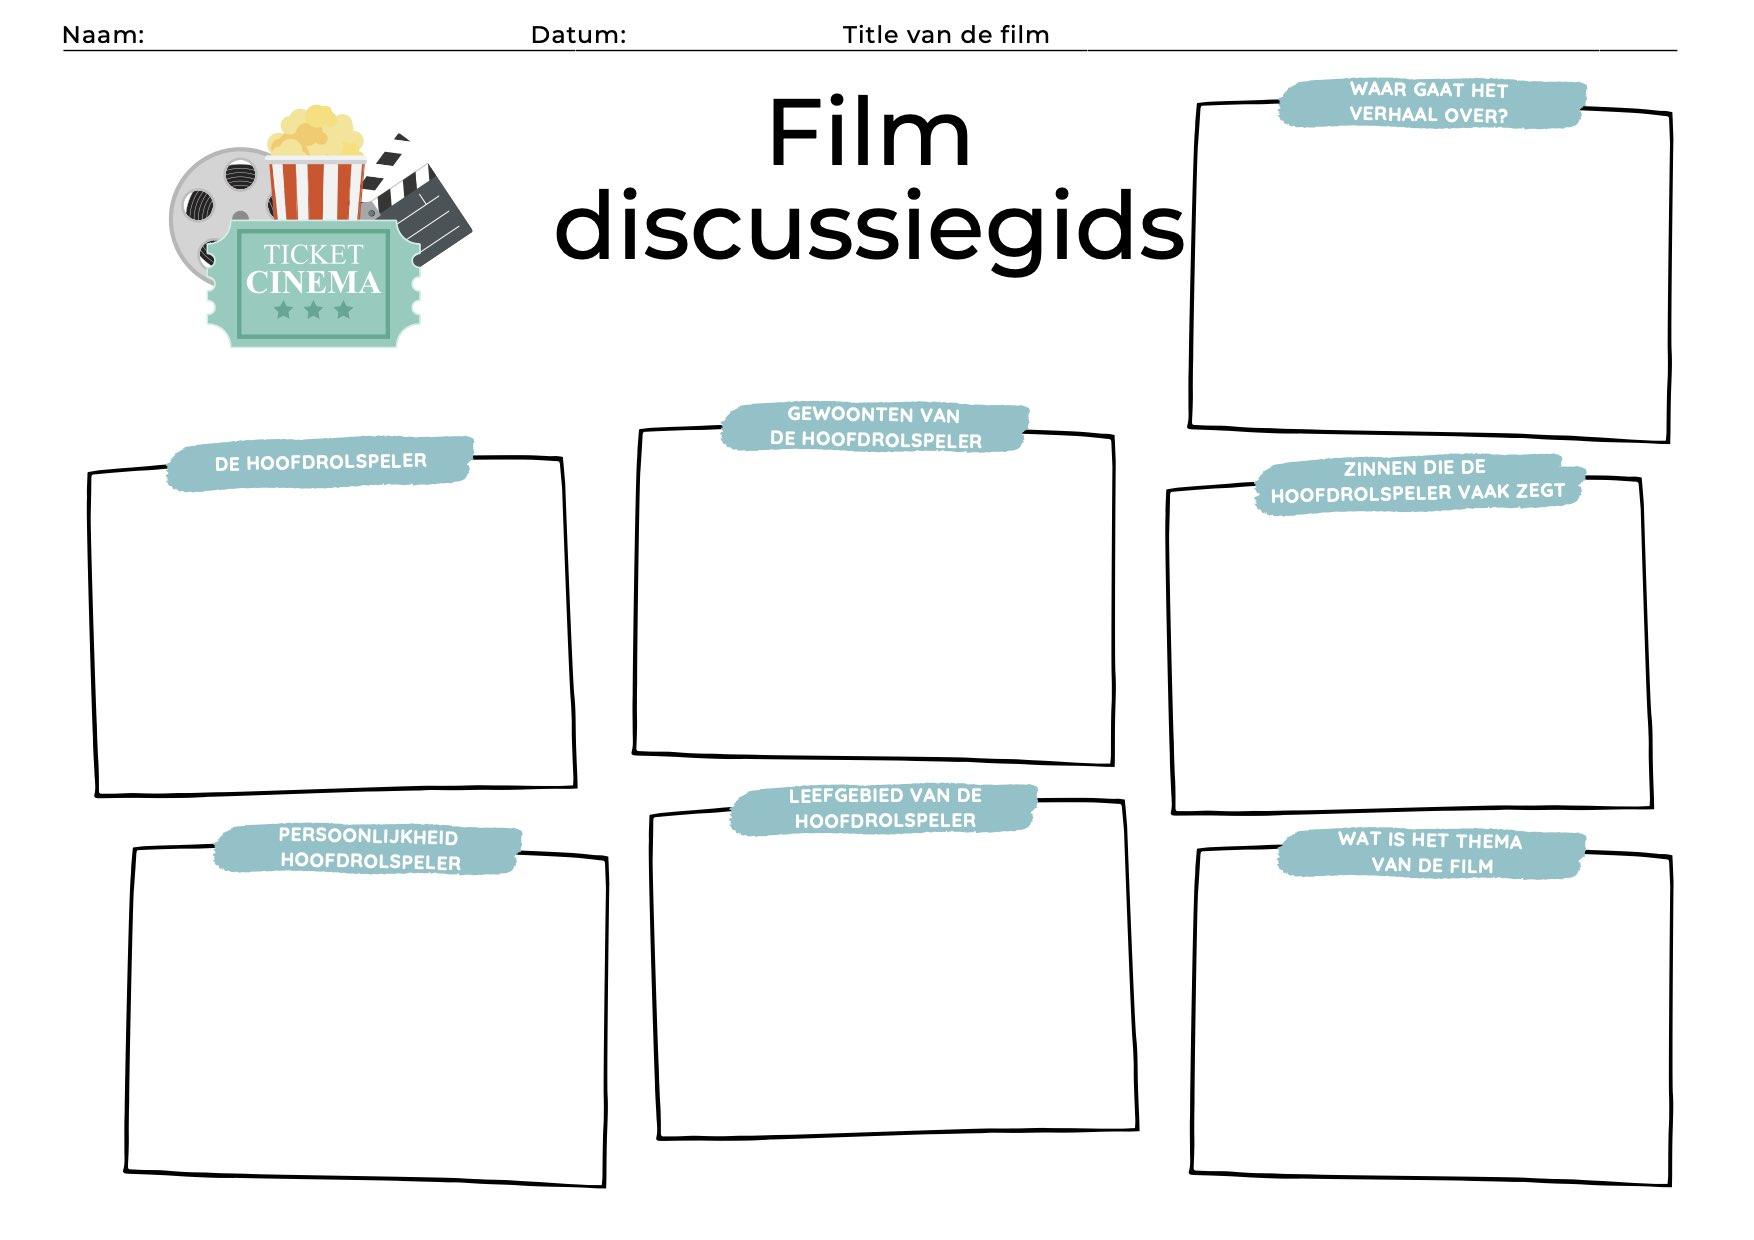 Film discussiegids voor kinderen